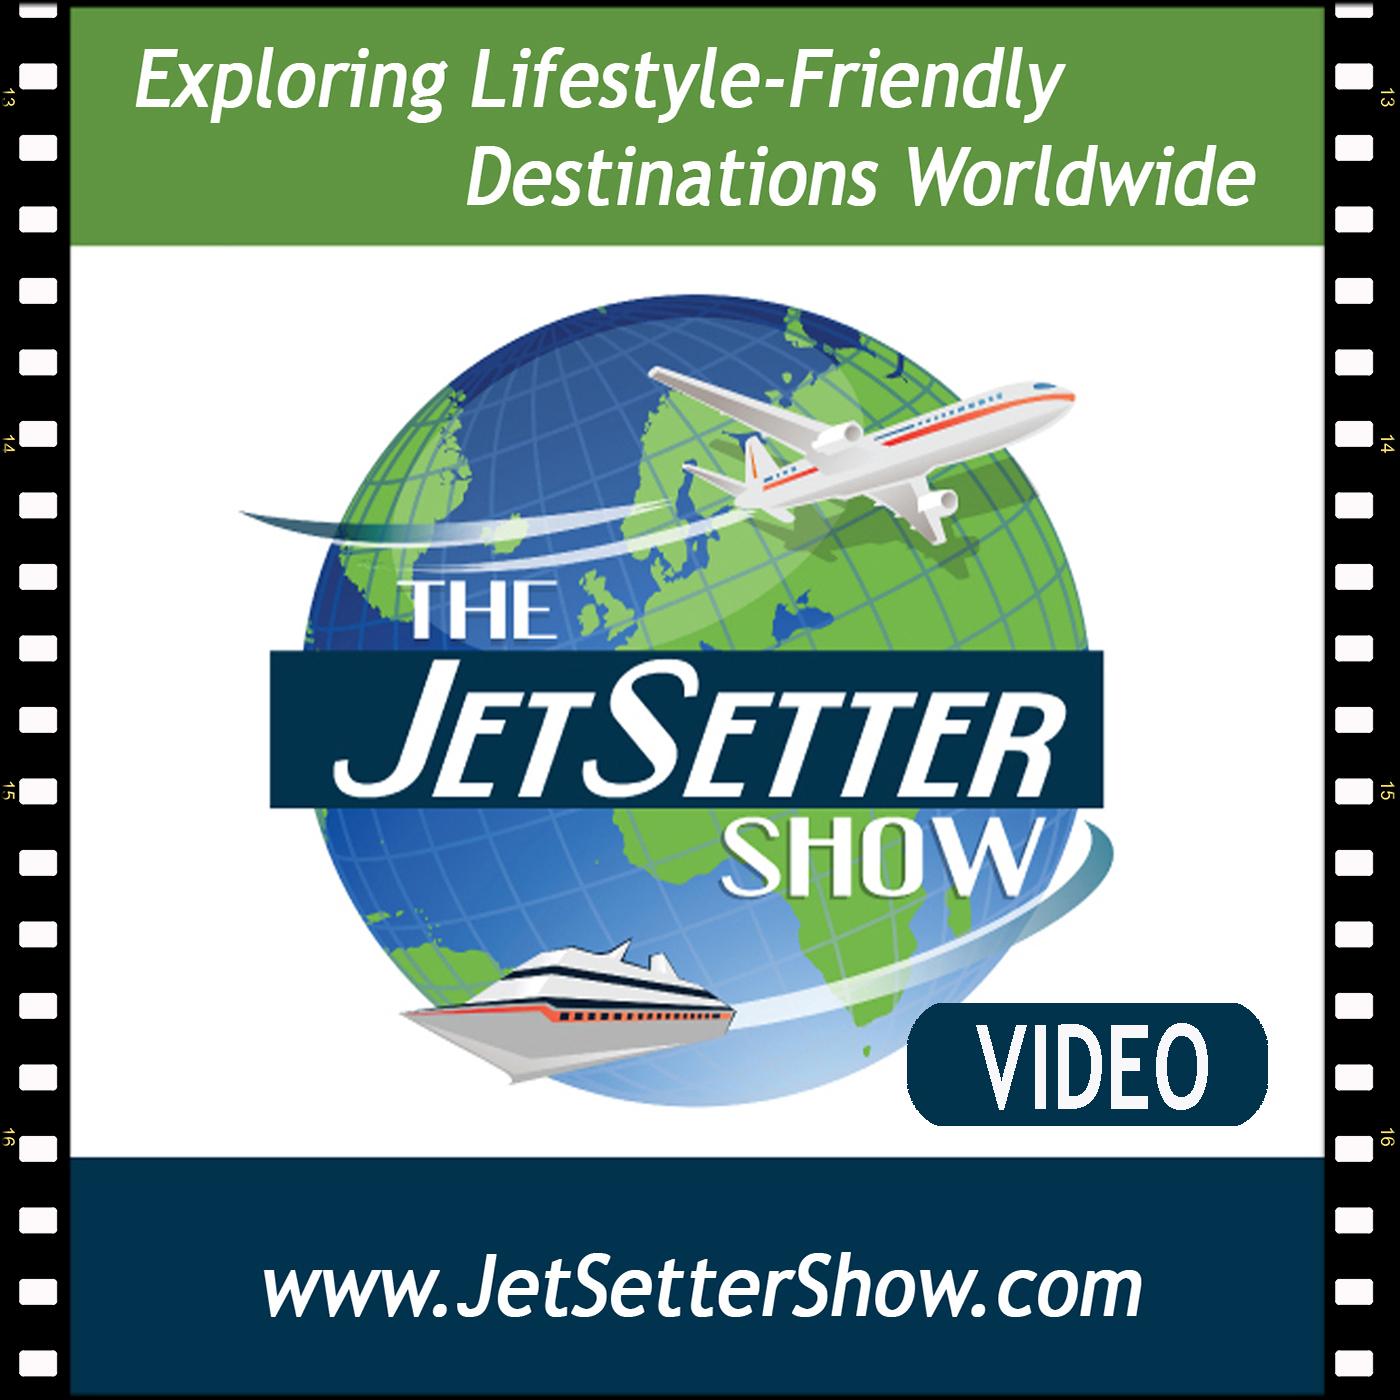 JetSetter Show Video Podcast